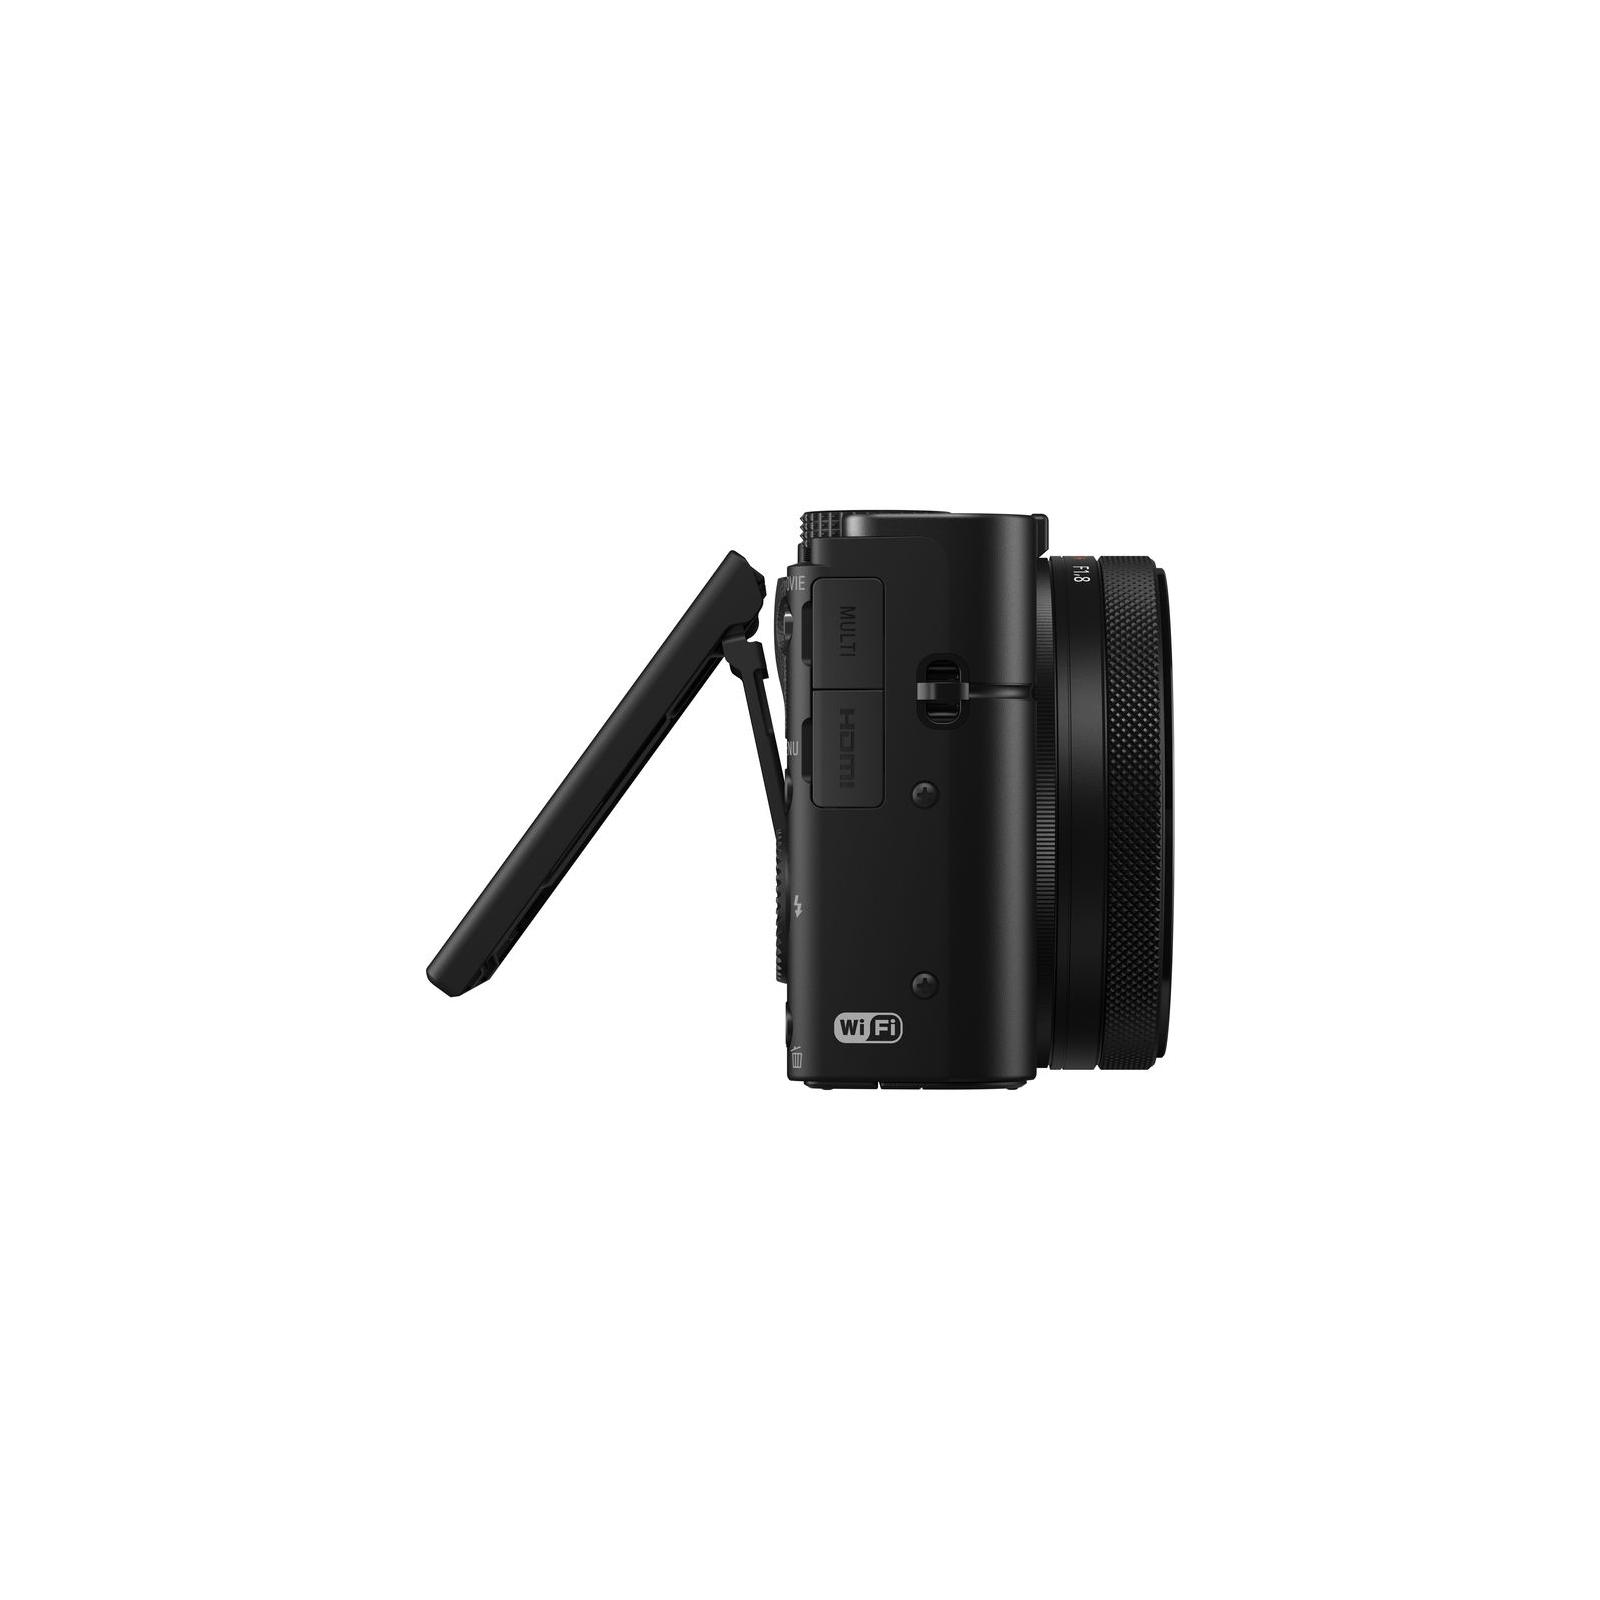 Цифровой фотоаппарат SONY Cyber-Shot RX100 MkIV (DSCRX100M4.RU3) изображение 6